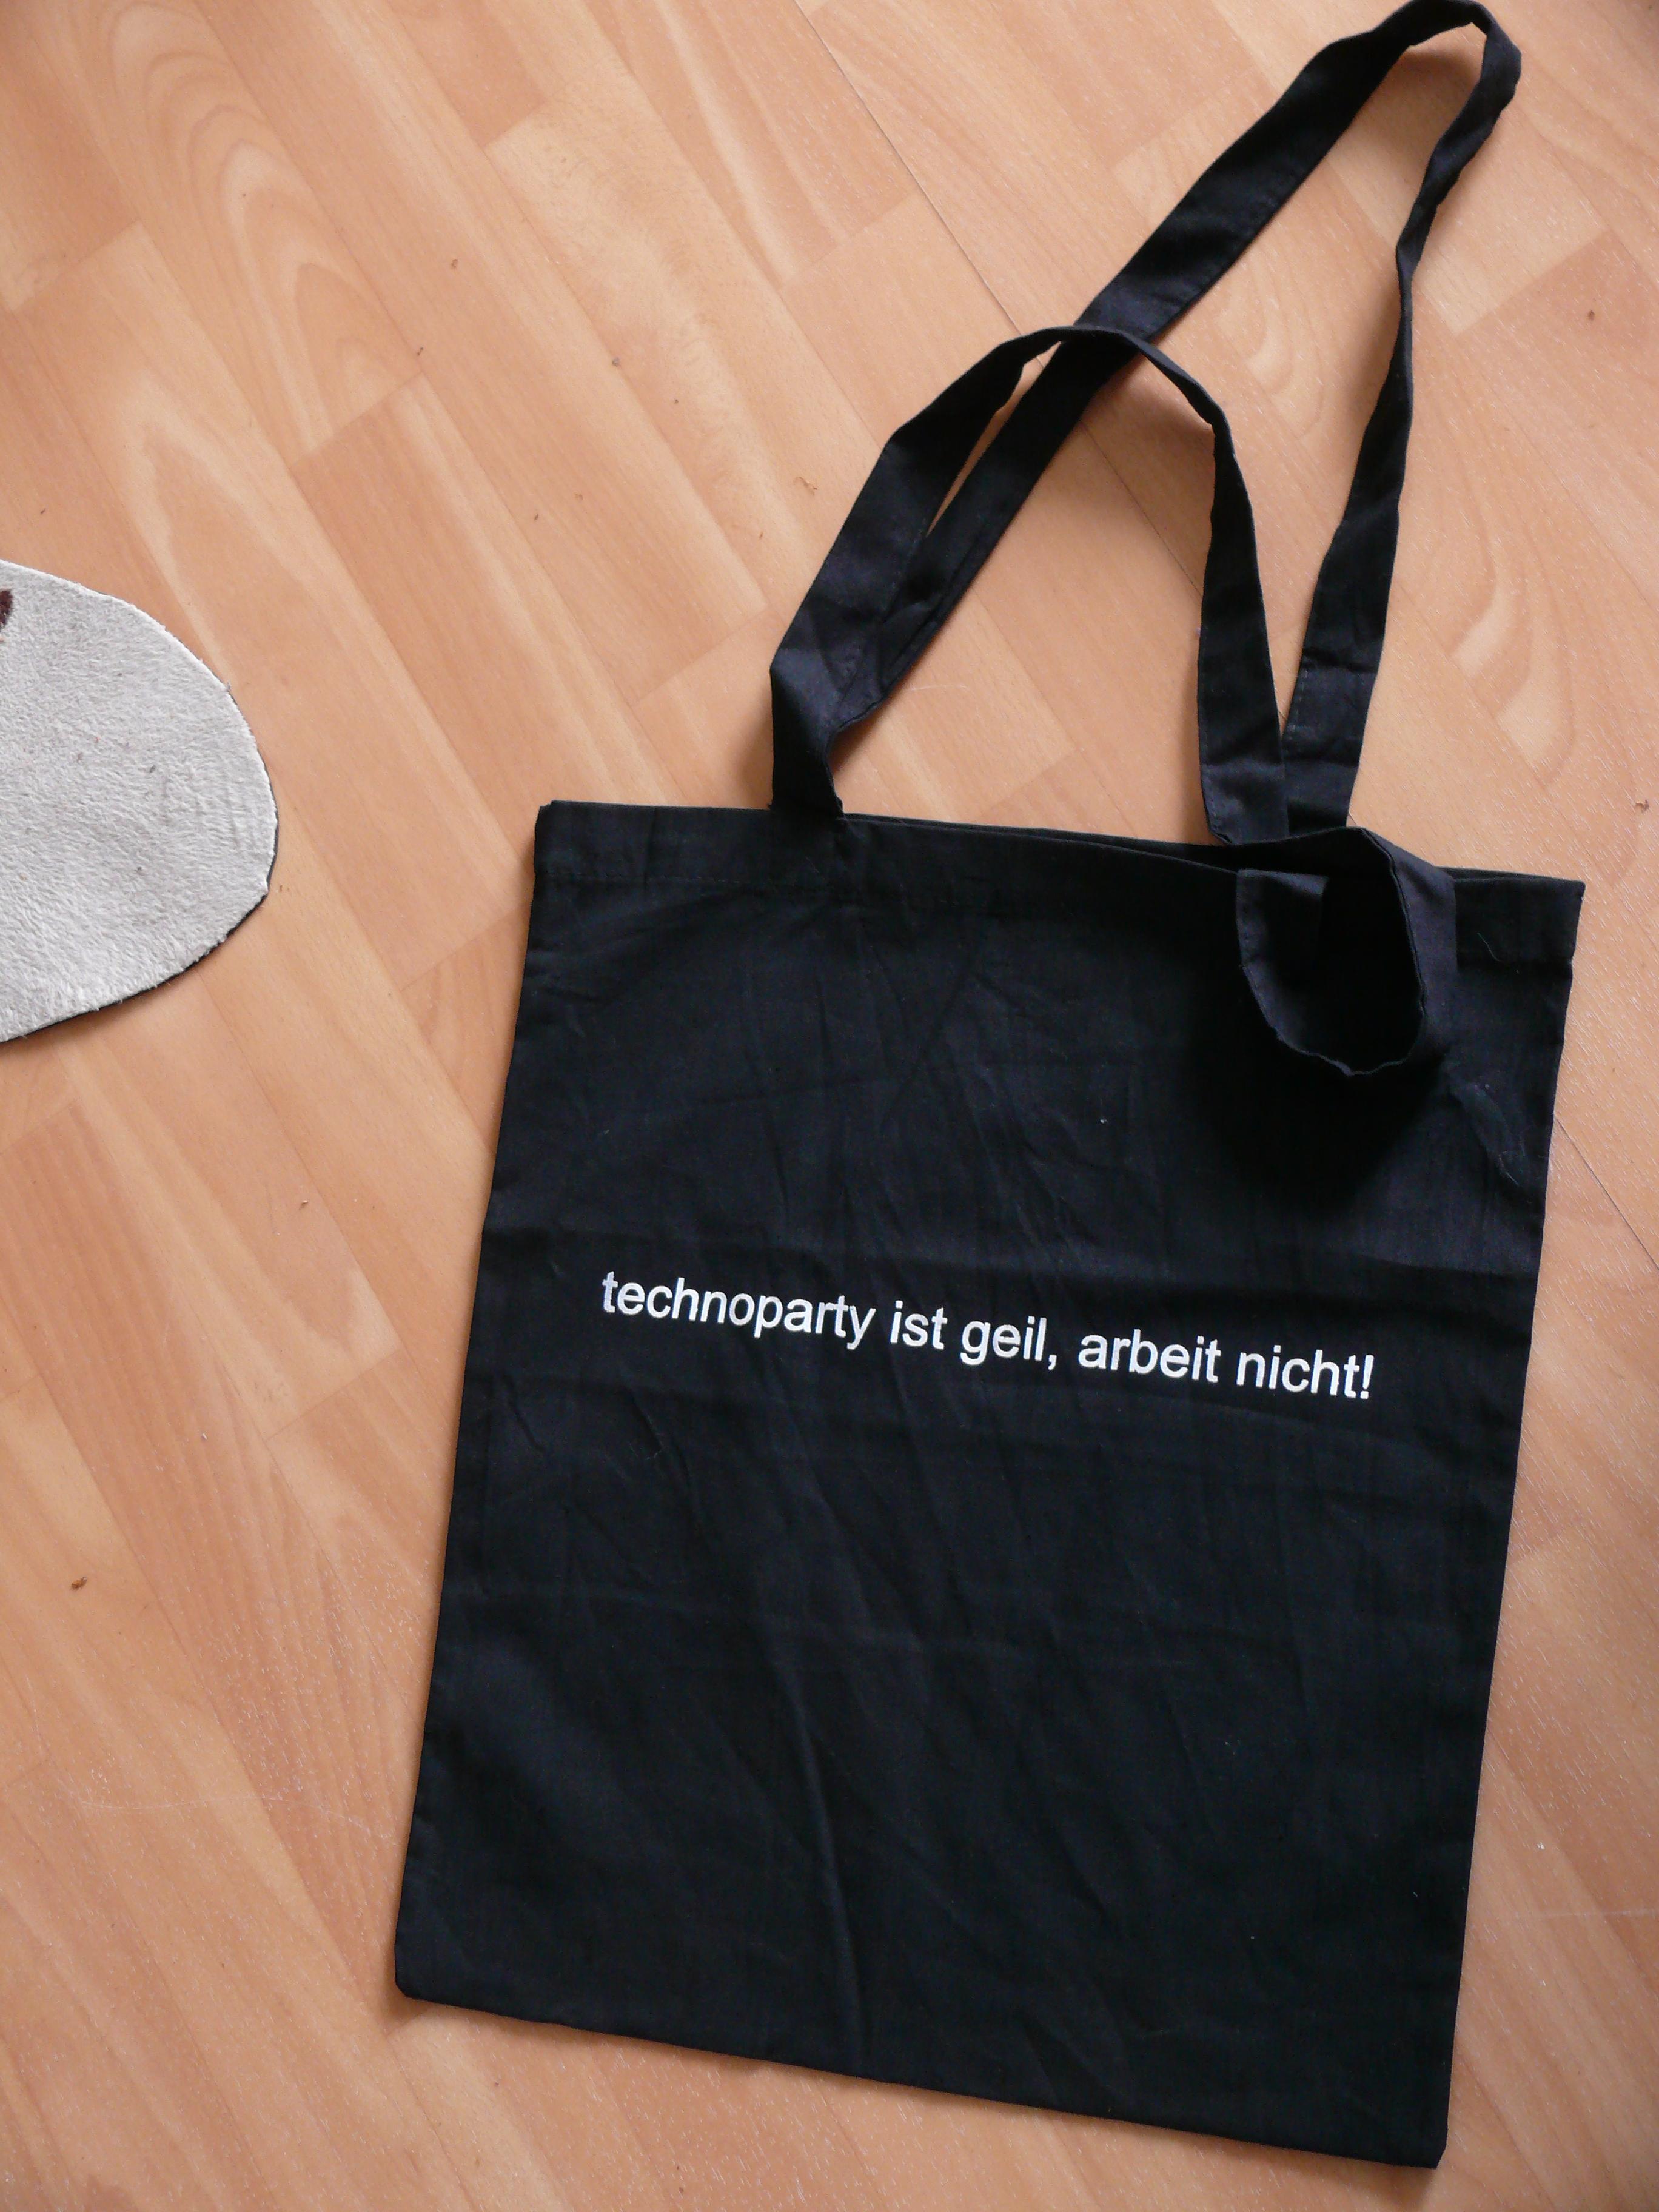 http://schlaraffenland.blogsport.de/images/technopartyistgeil.JPG